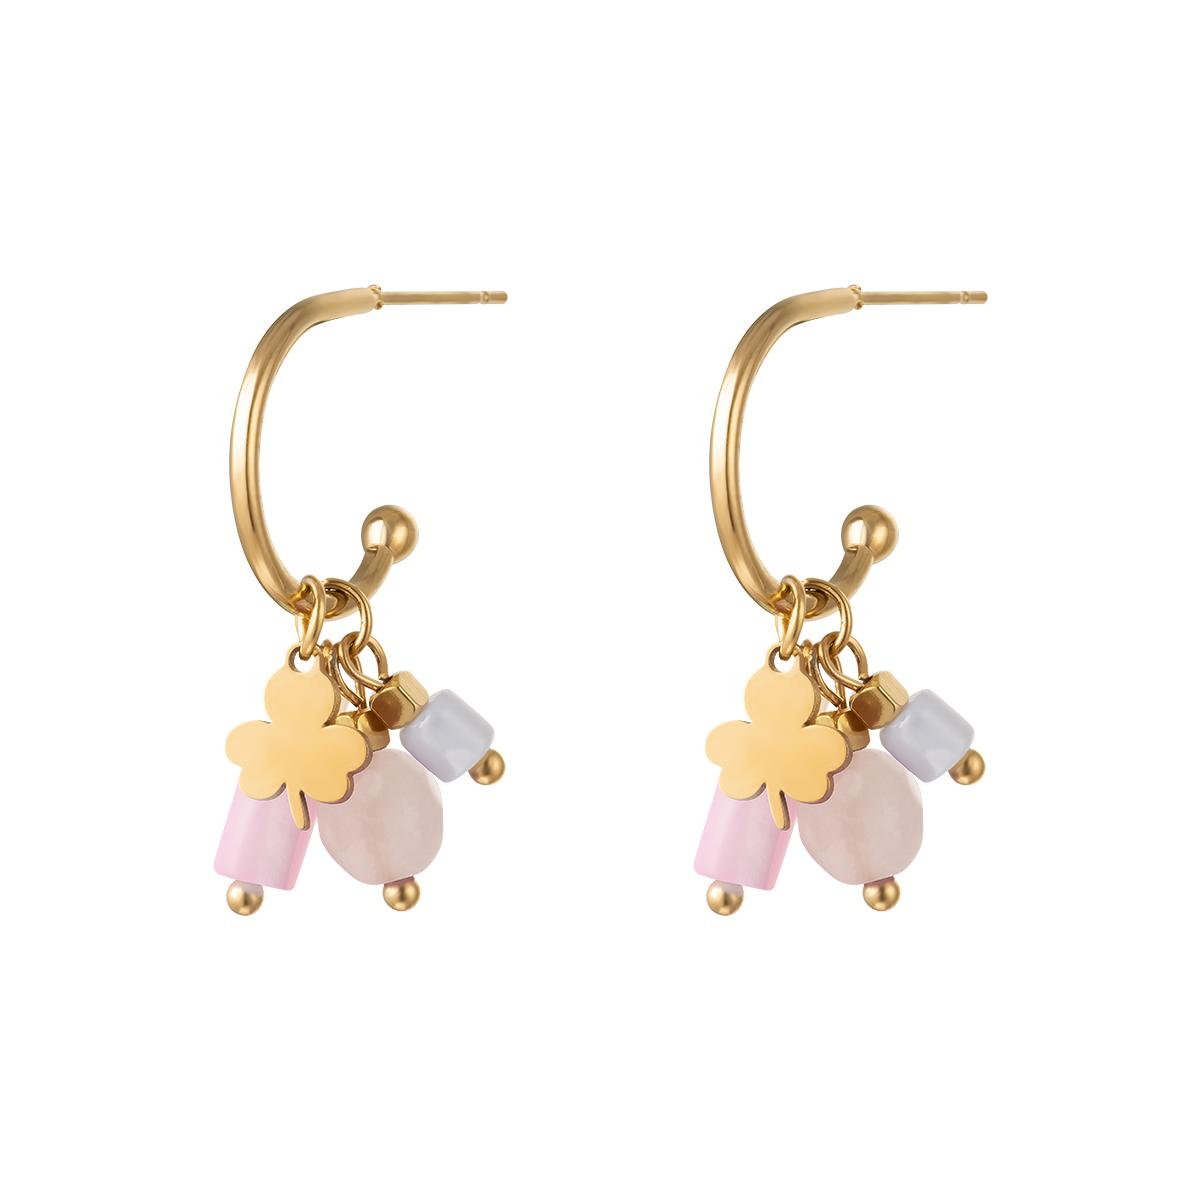 Boucles d'oreilles charms trèfle et pierres